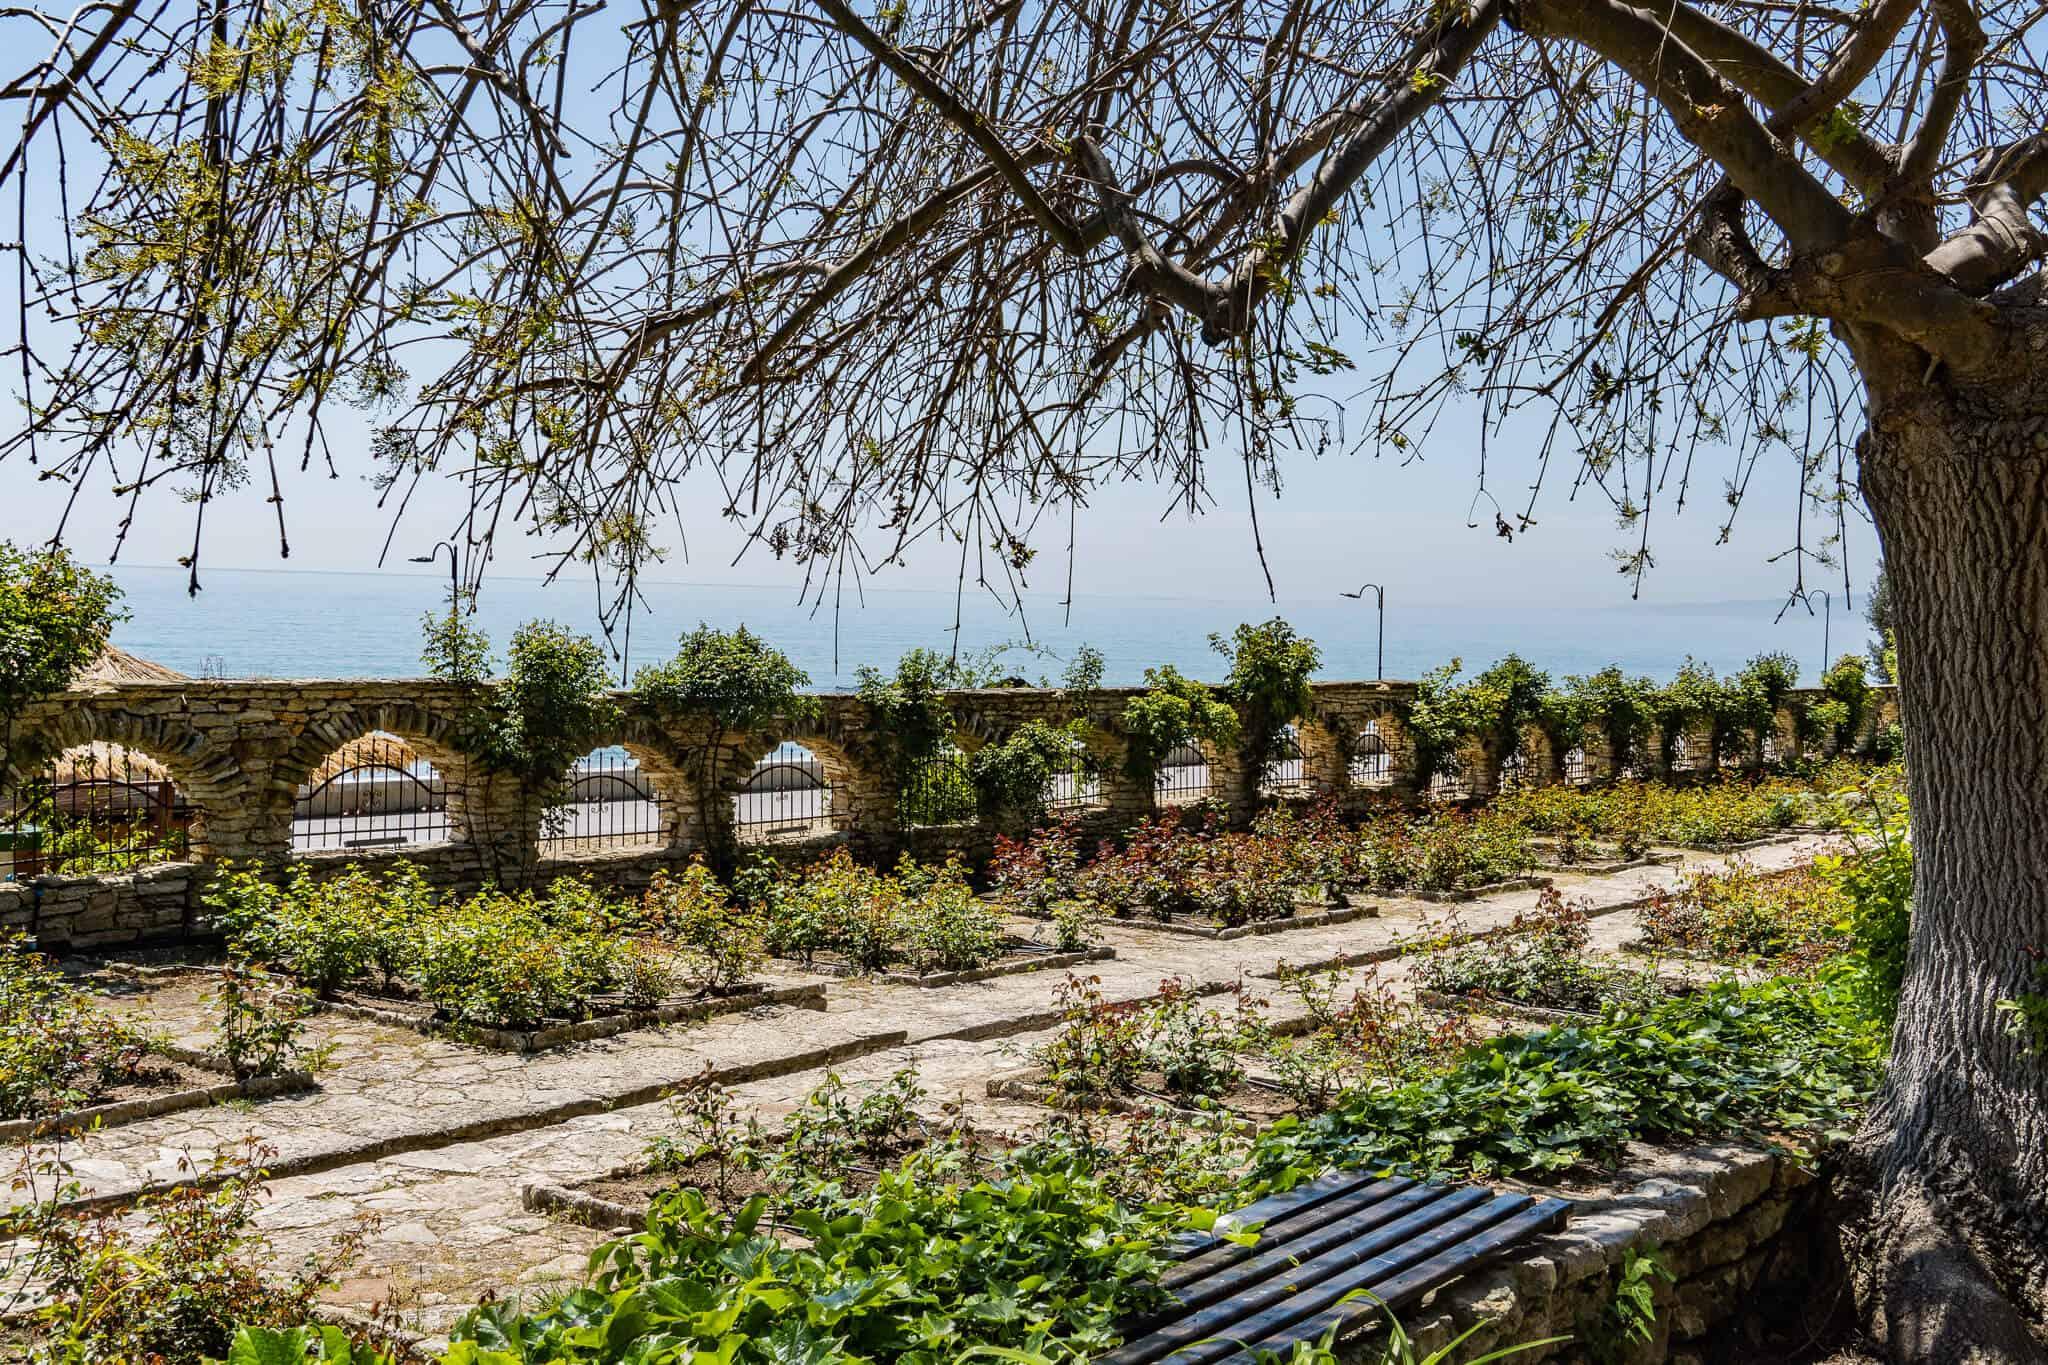 Blick aufs Meer vom botanischen Garten Balchik